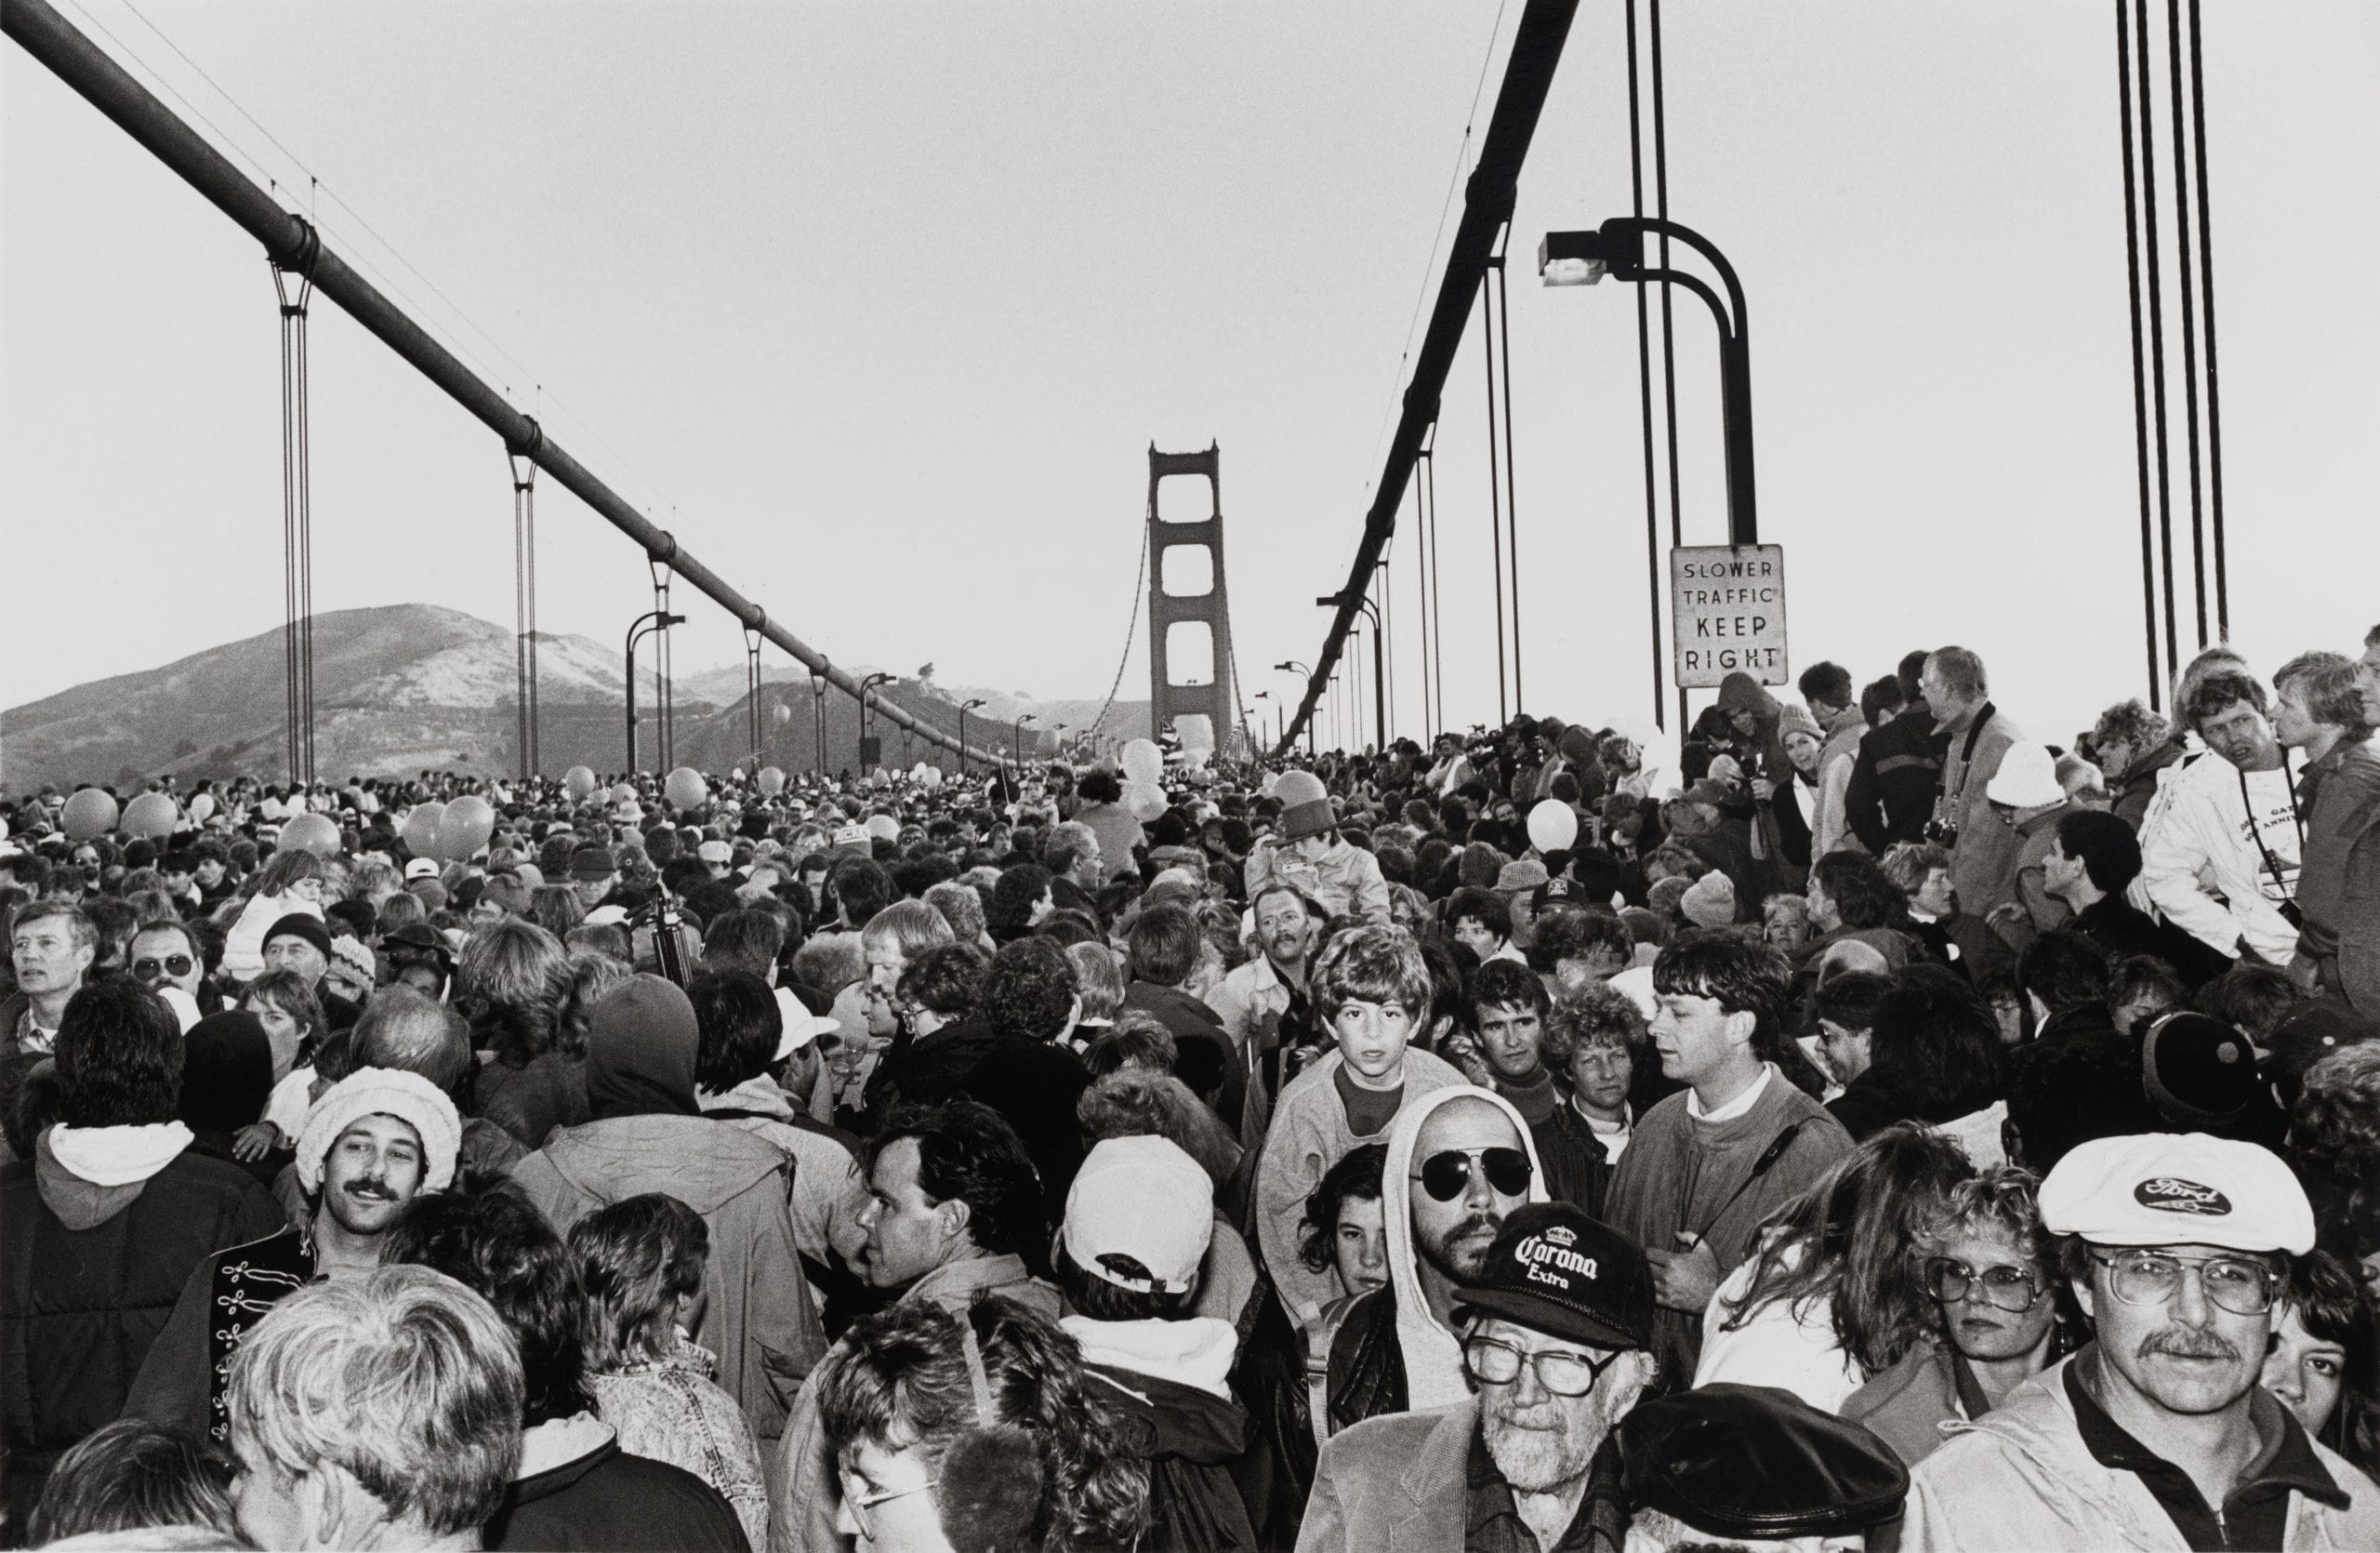 Jang_Golden Gate Bridge Fiftieth Anniversary